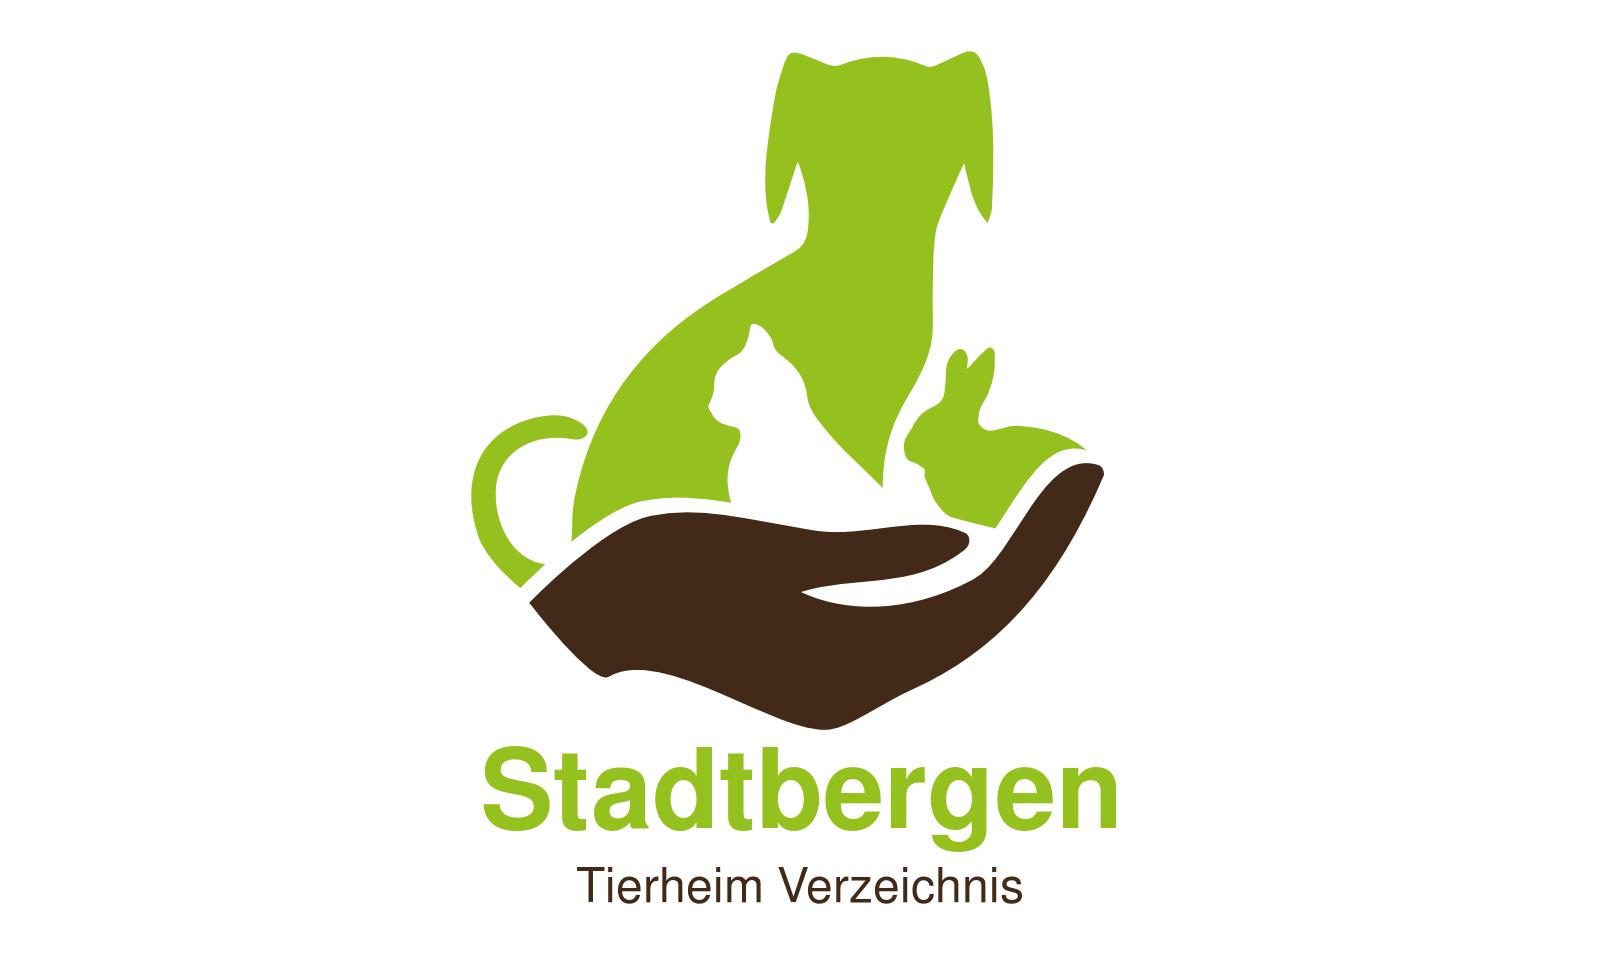 Tierheim Stadtbergen